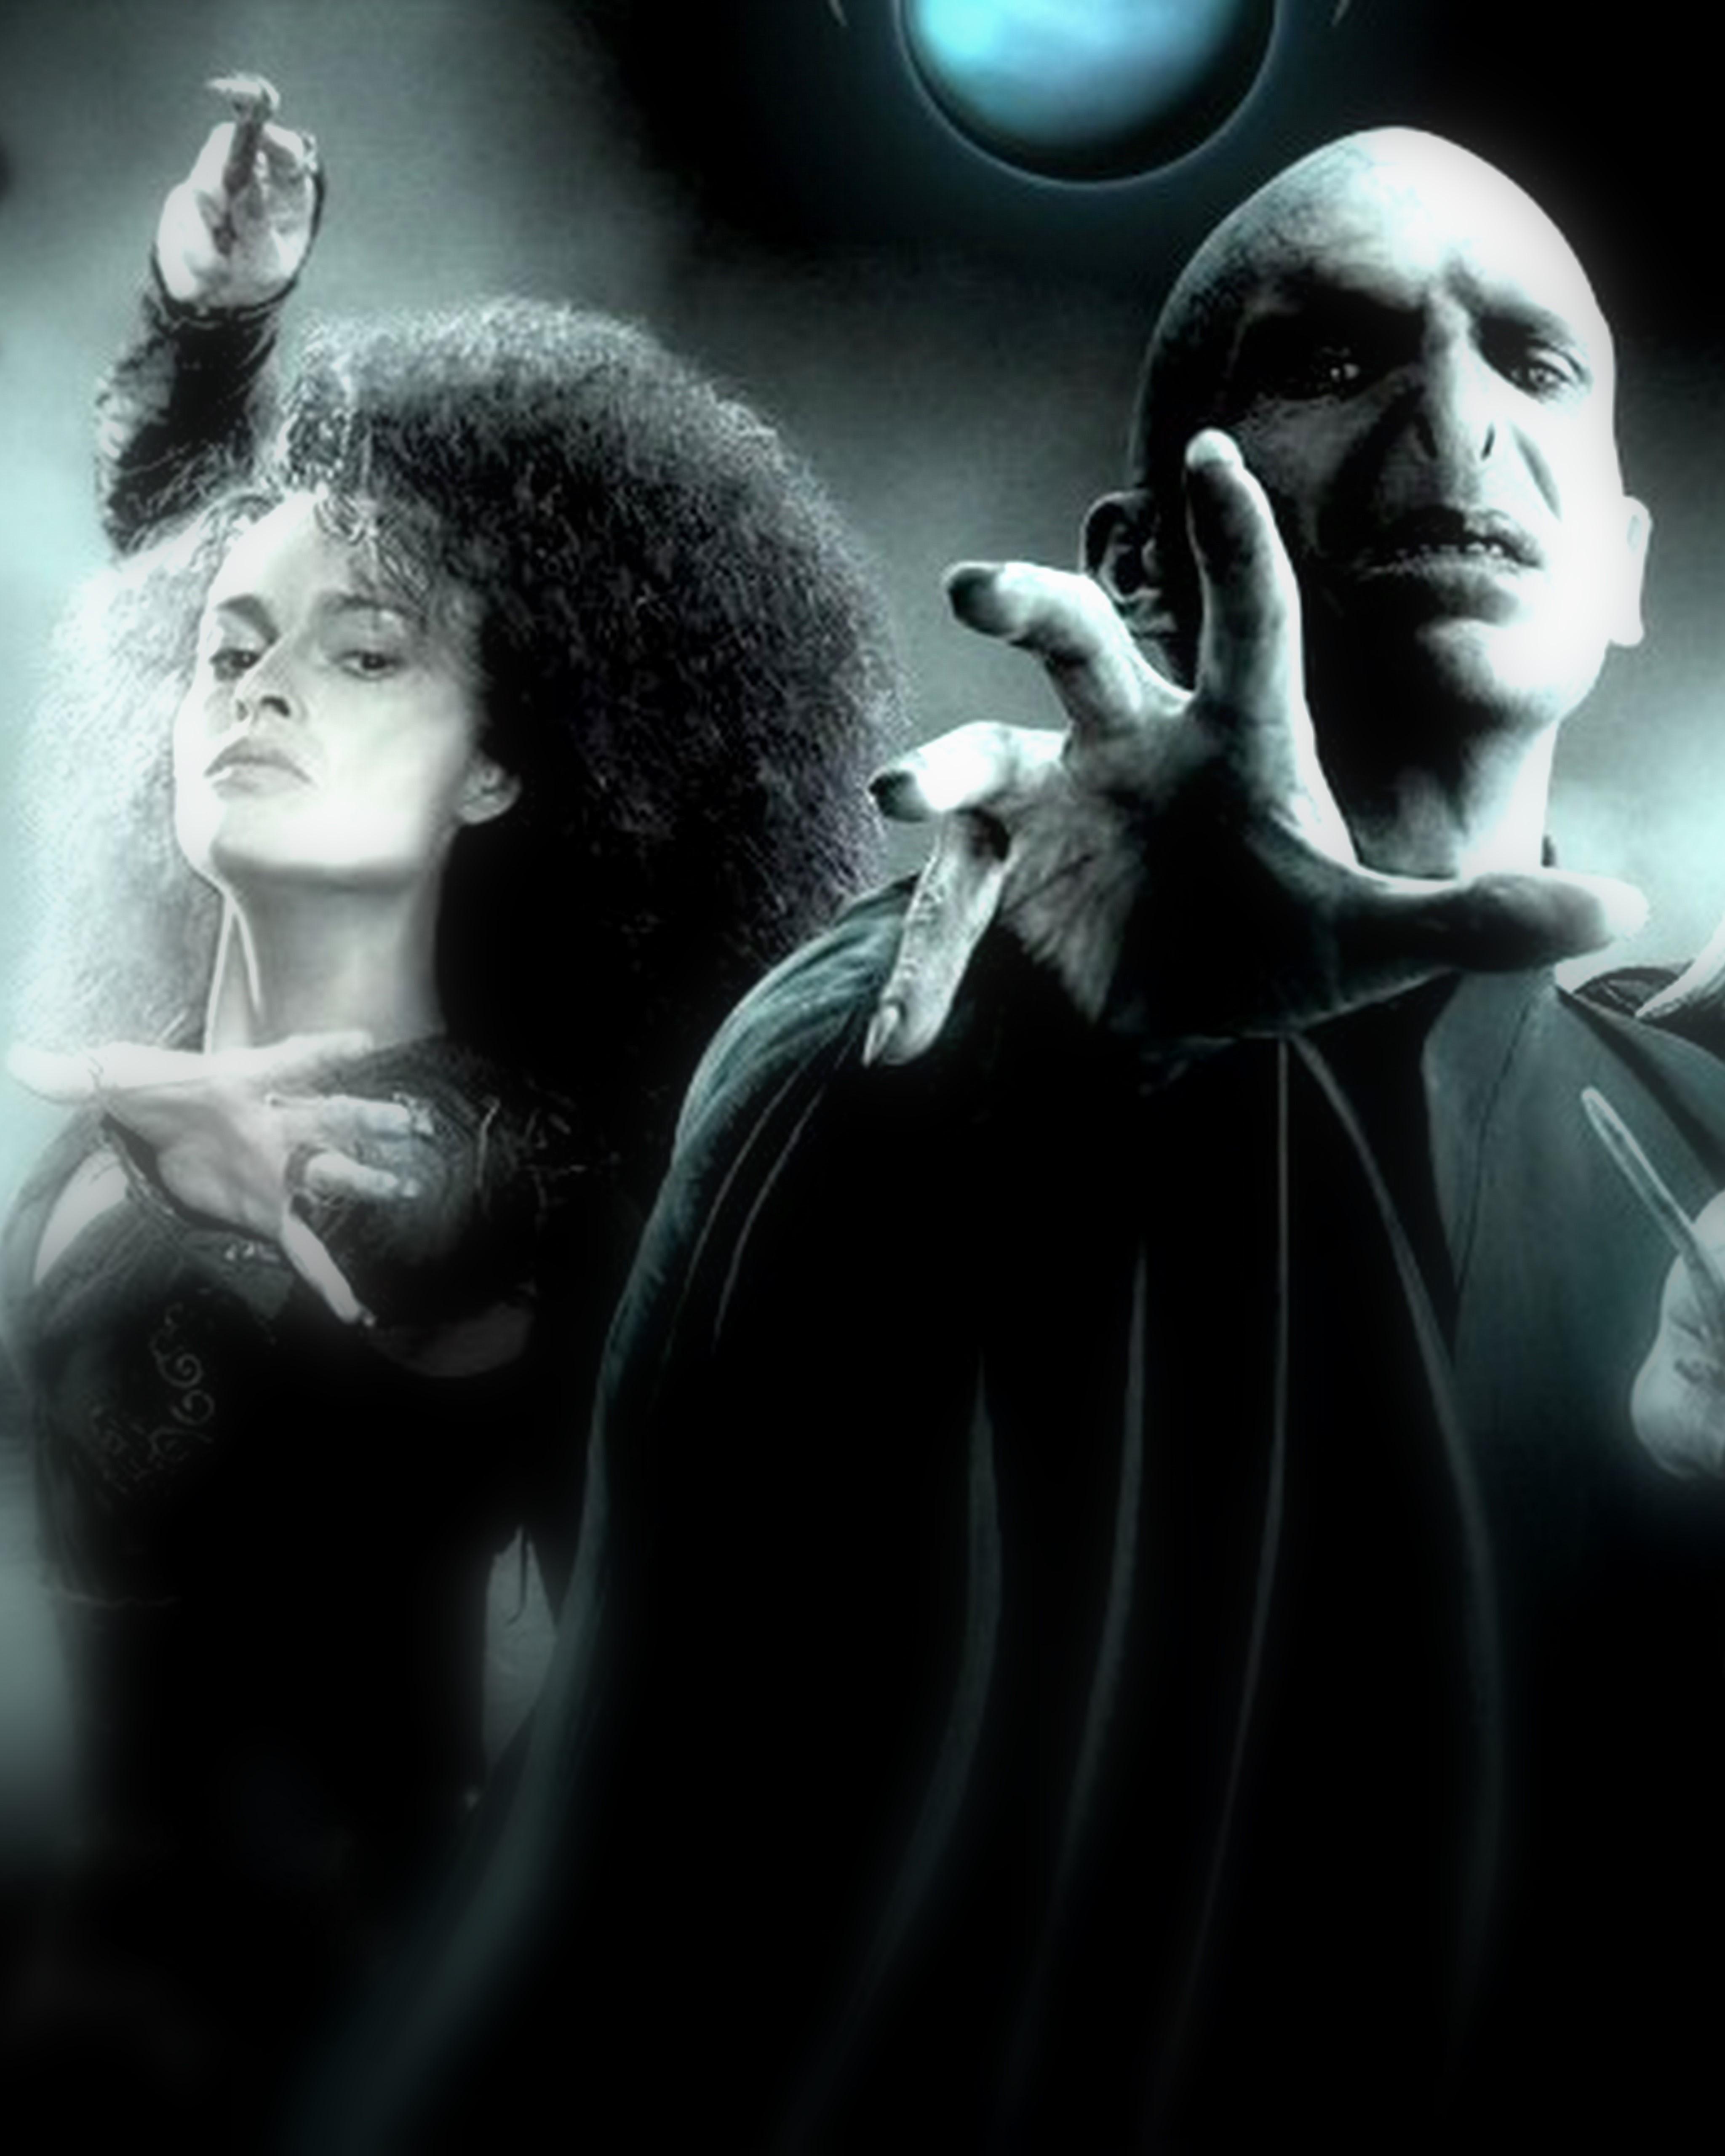 Dumbledore and McGonagall vs  Voldemort and Bellatrix  Who wins the